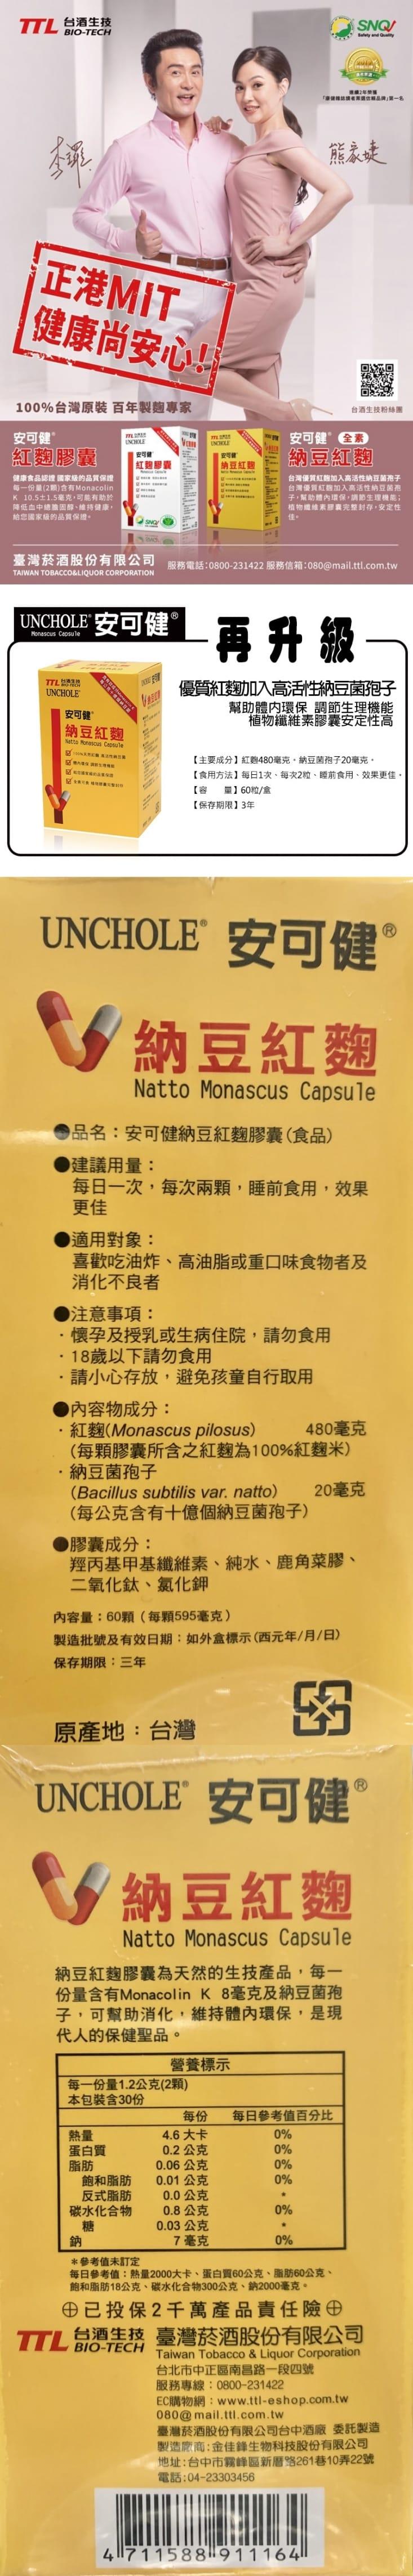 納豆 脂肪 肝